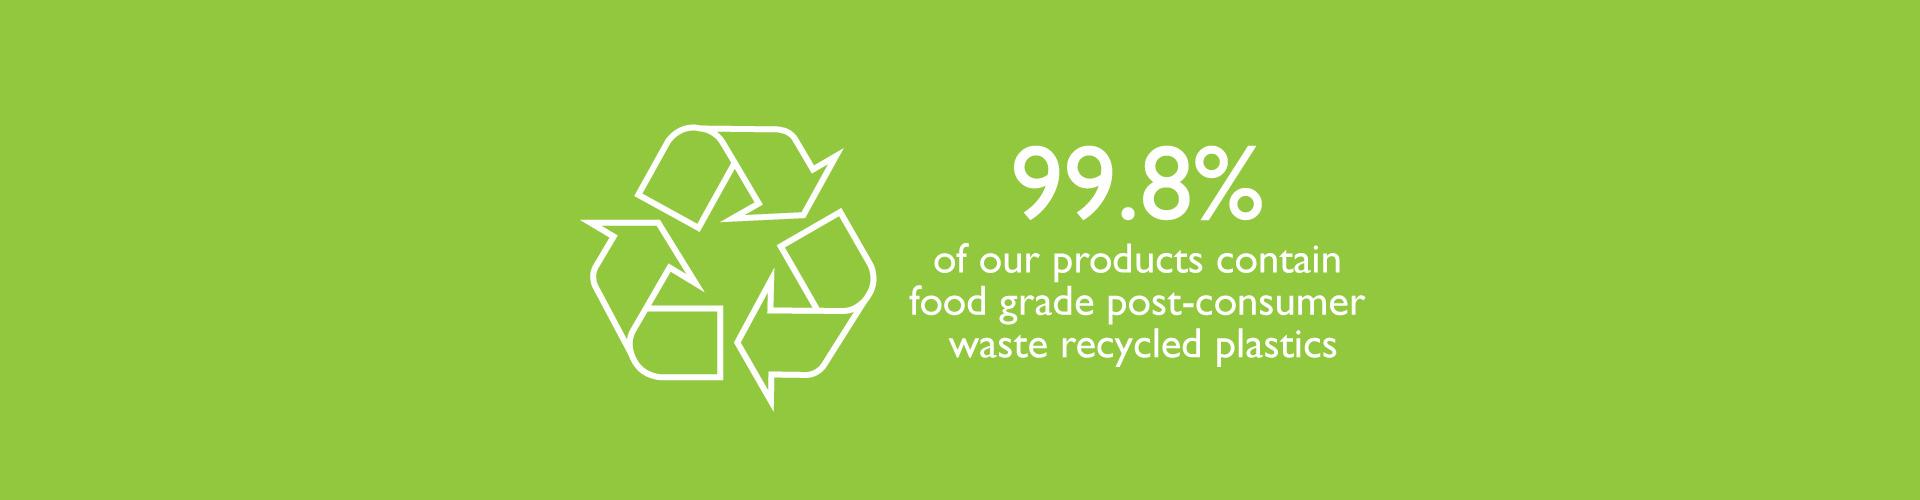 sustainability_slide_01